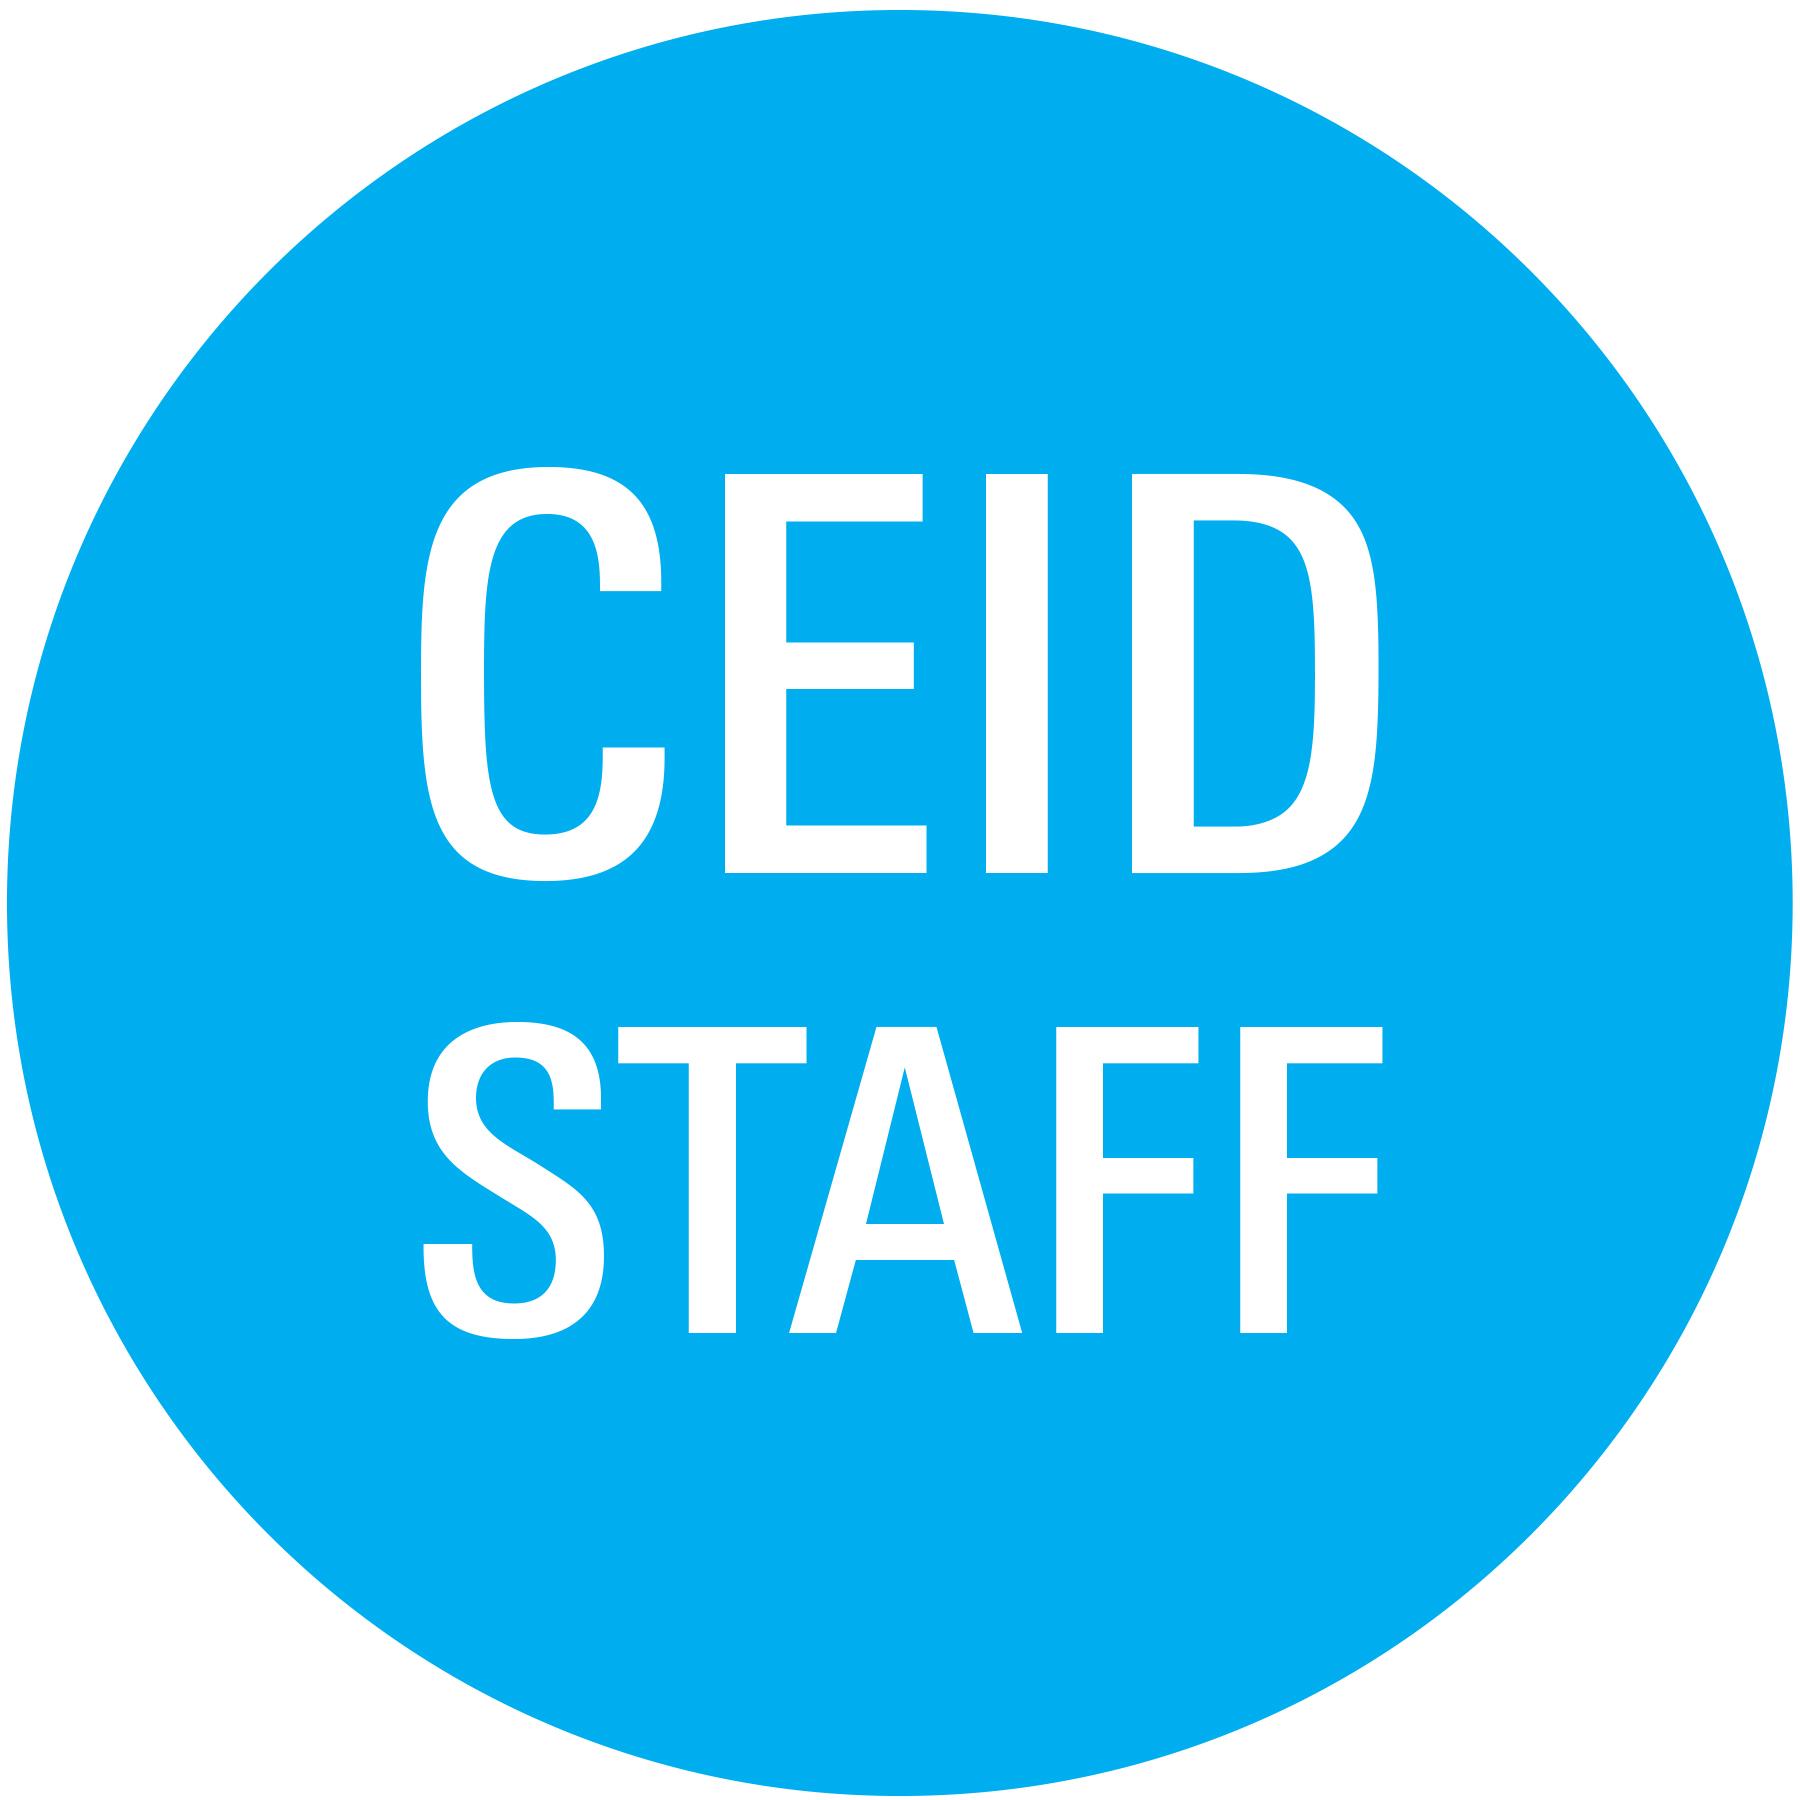 CEID Staff.jpg